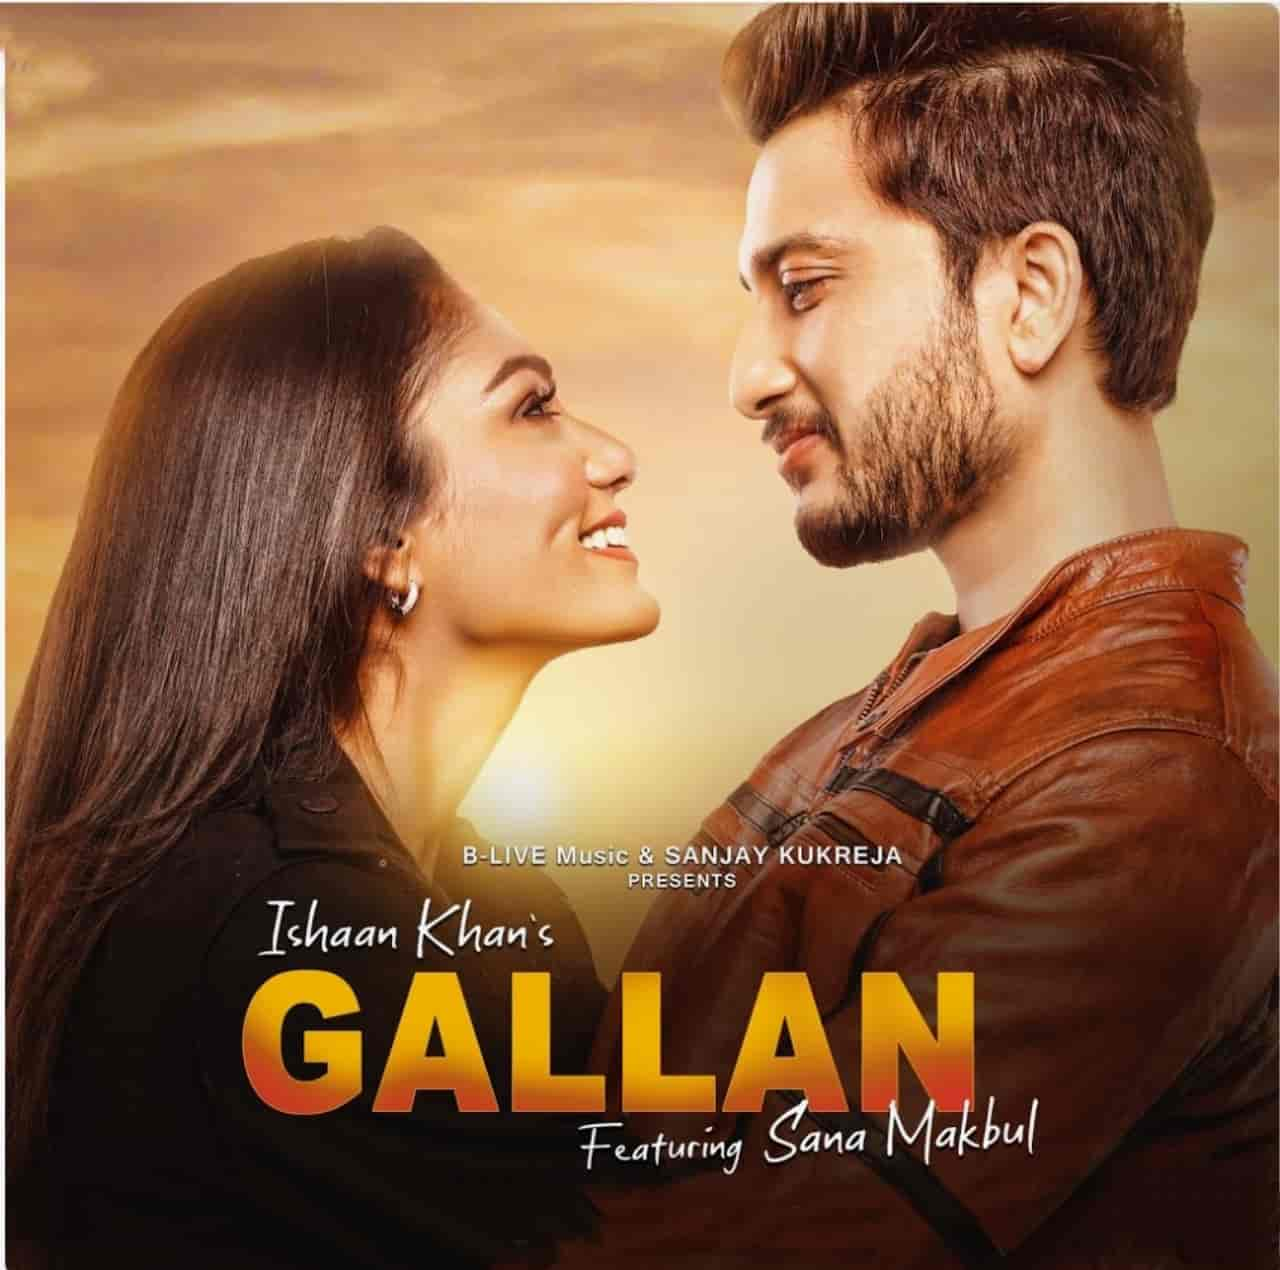 Gallan Punjabi Song Image Features Ishaan Khan And Sana Makbul